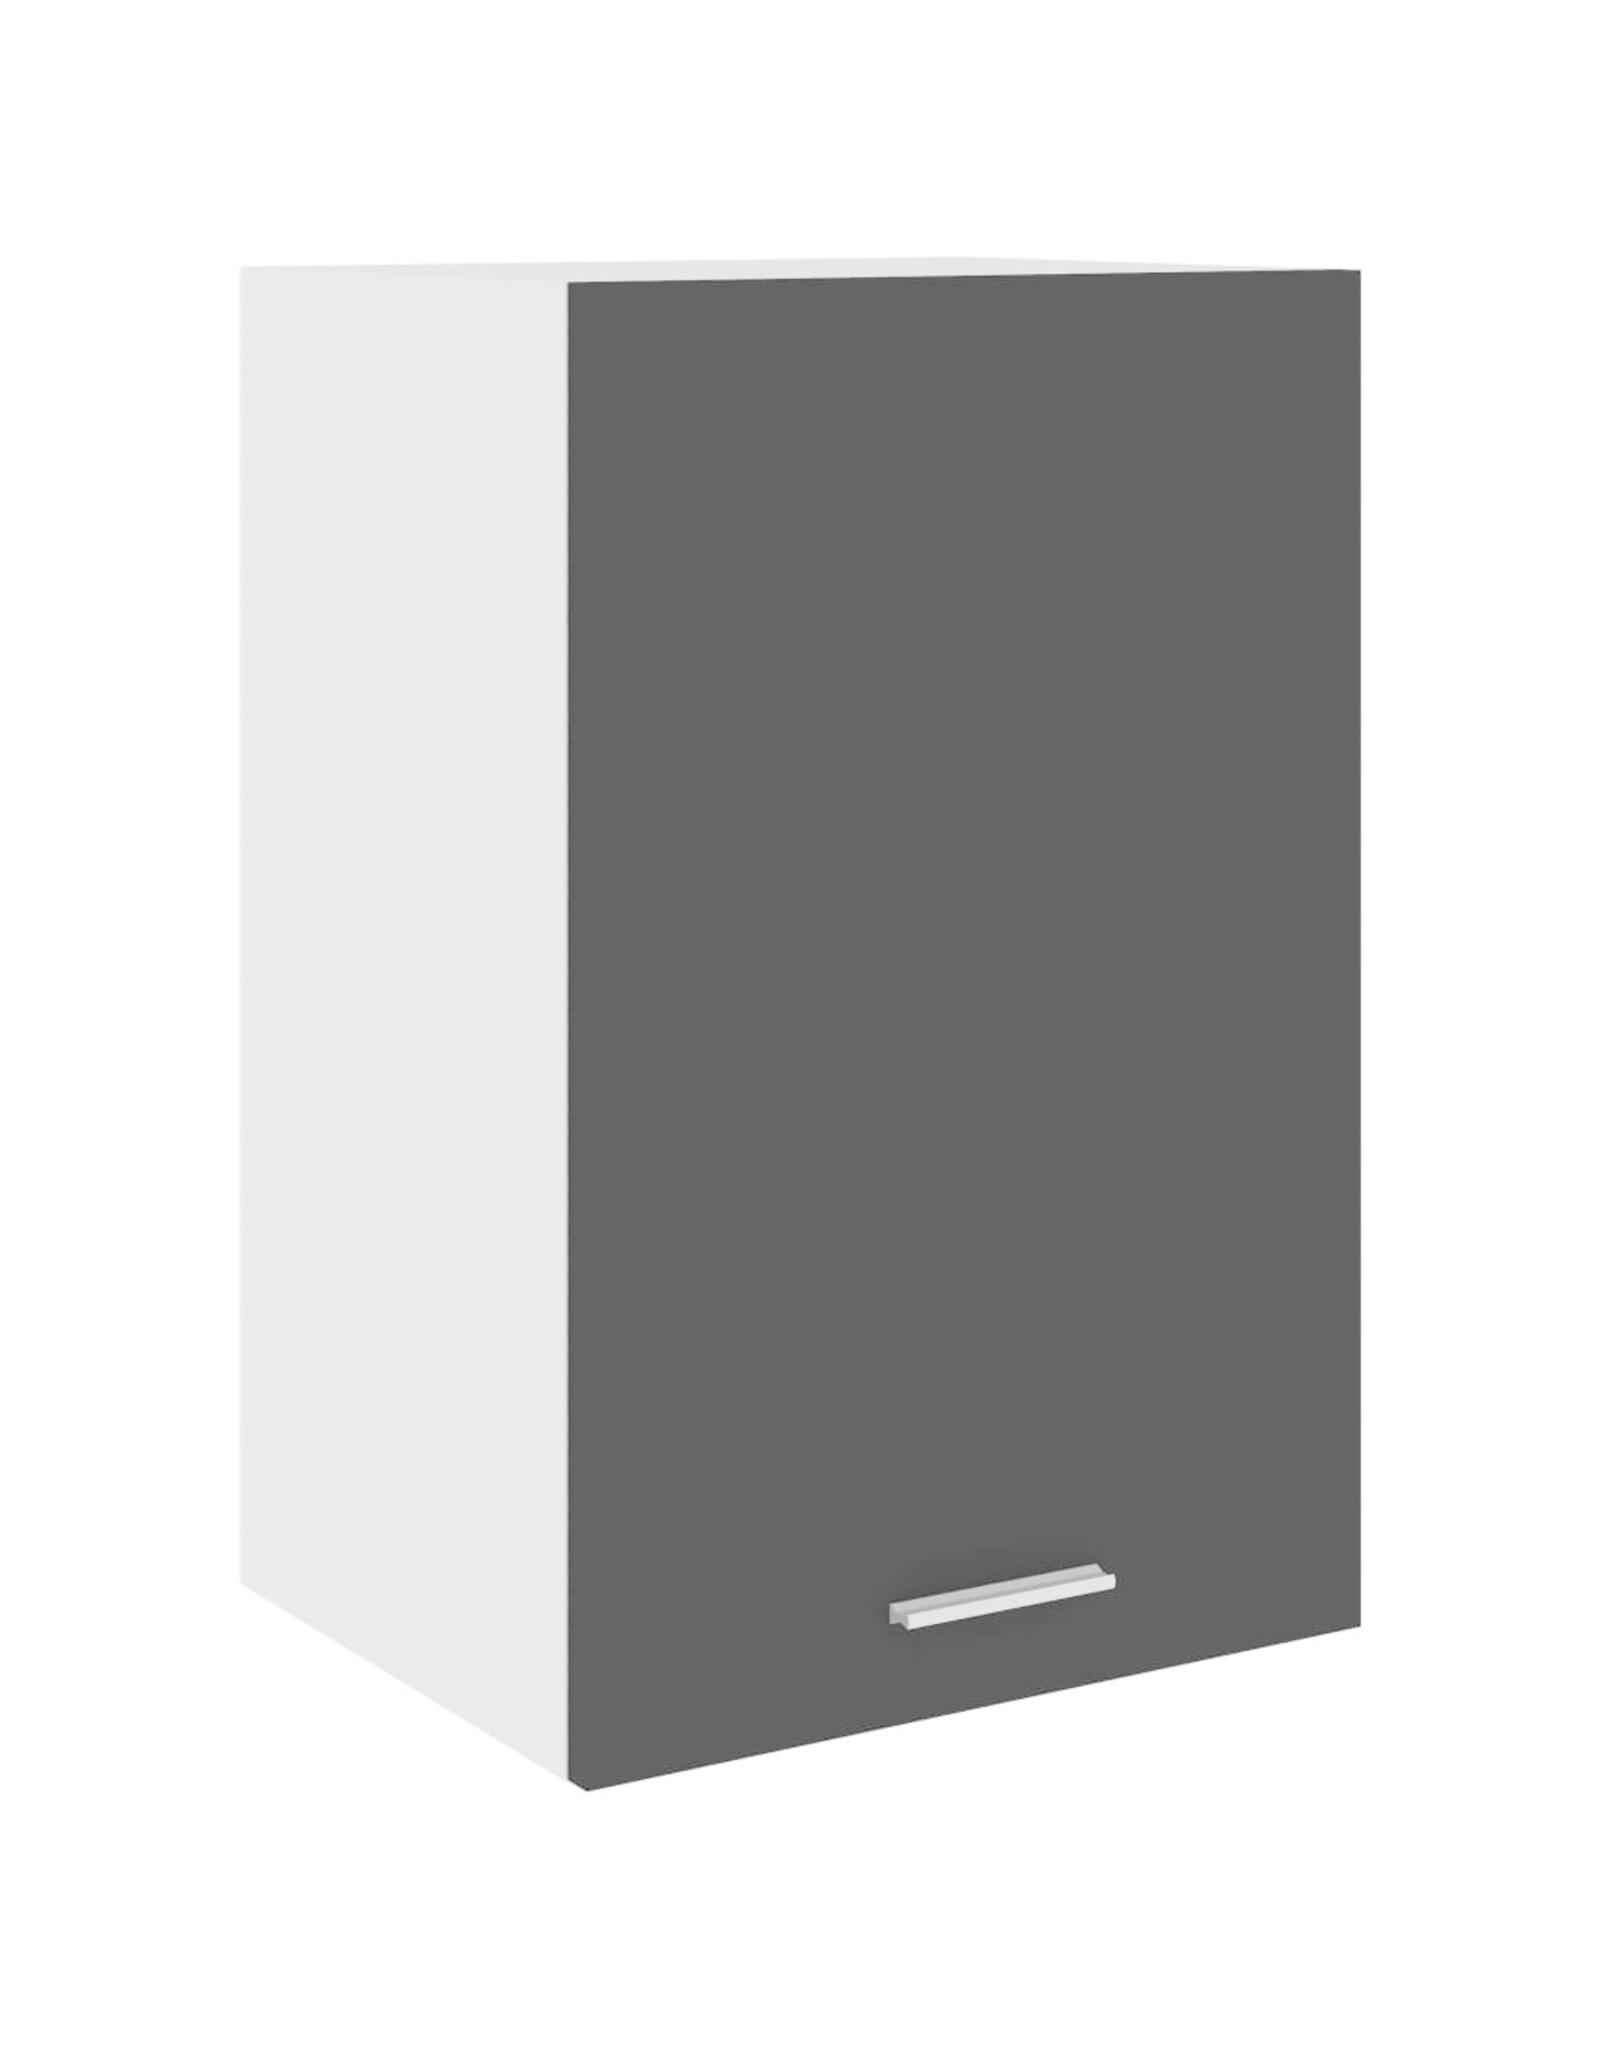 Hangkast 39,5x31x60 cm spaanplaat zwart